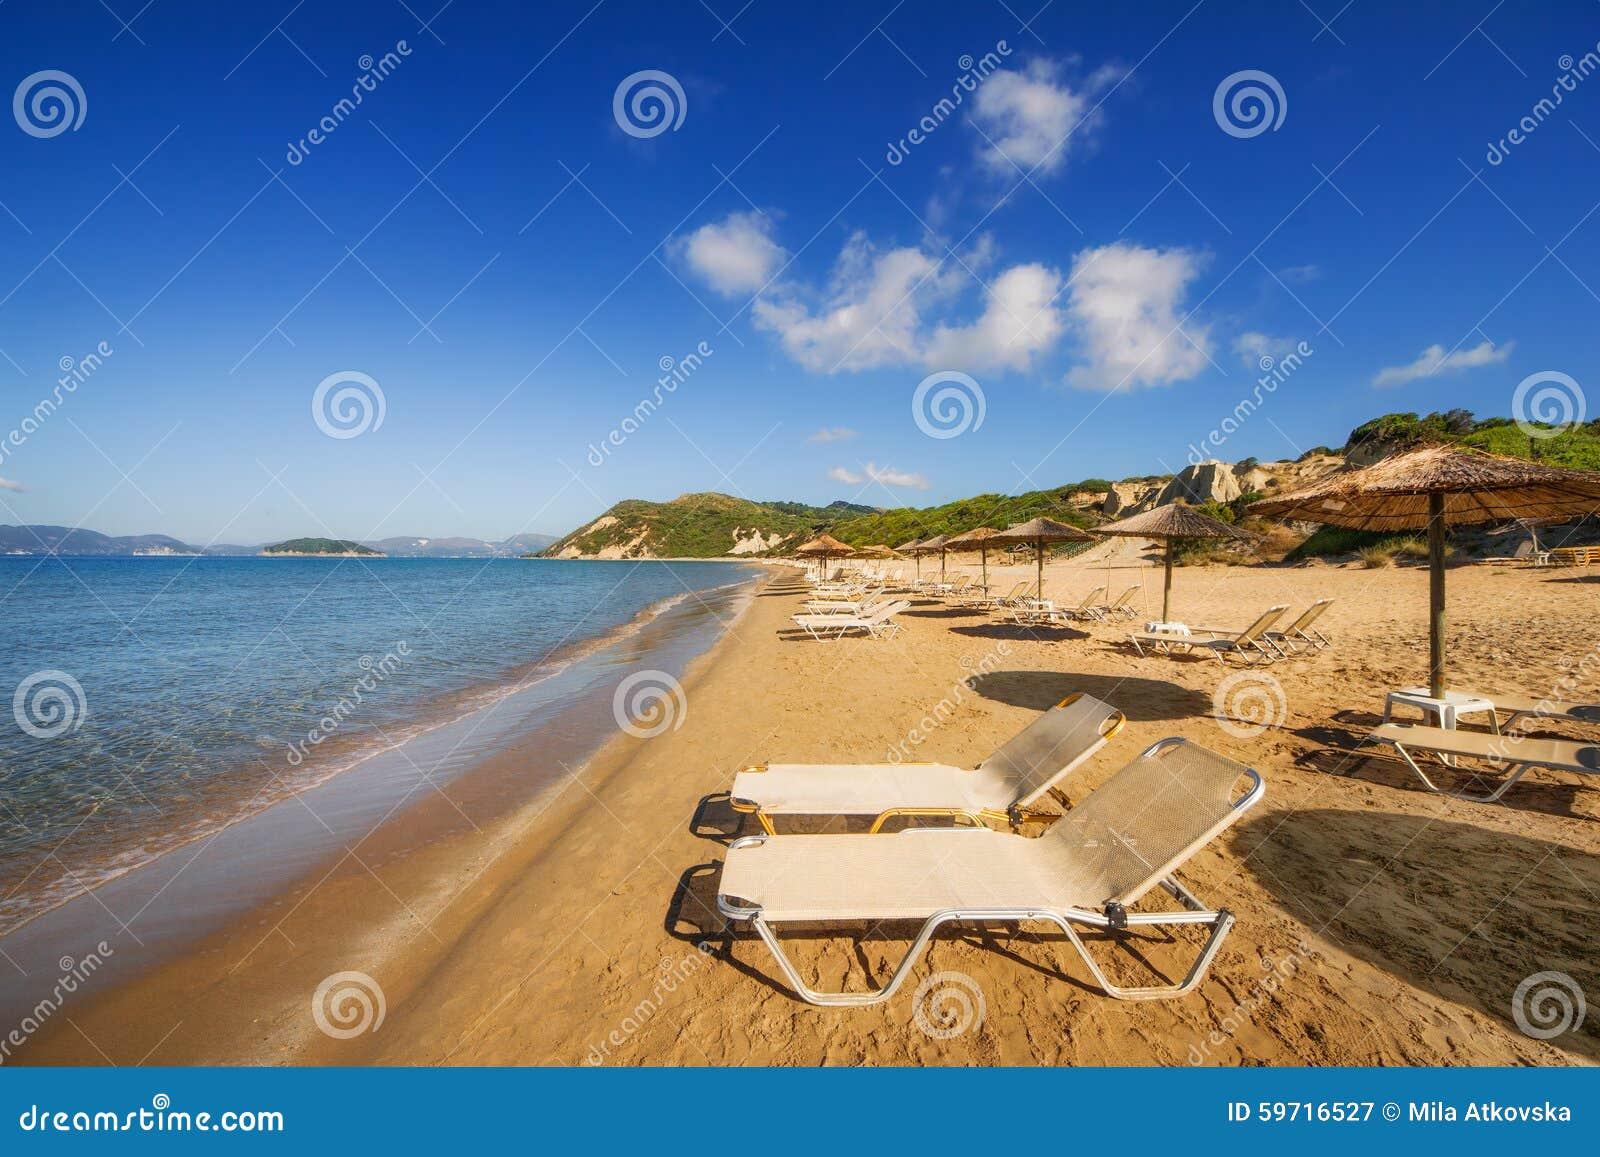 Gerakas wyrzucać na brzeg na Zakynthos wyspie (ochraniający Caretta Caretta żółw gniazduje miejsce)